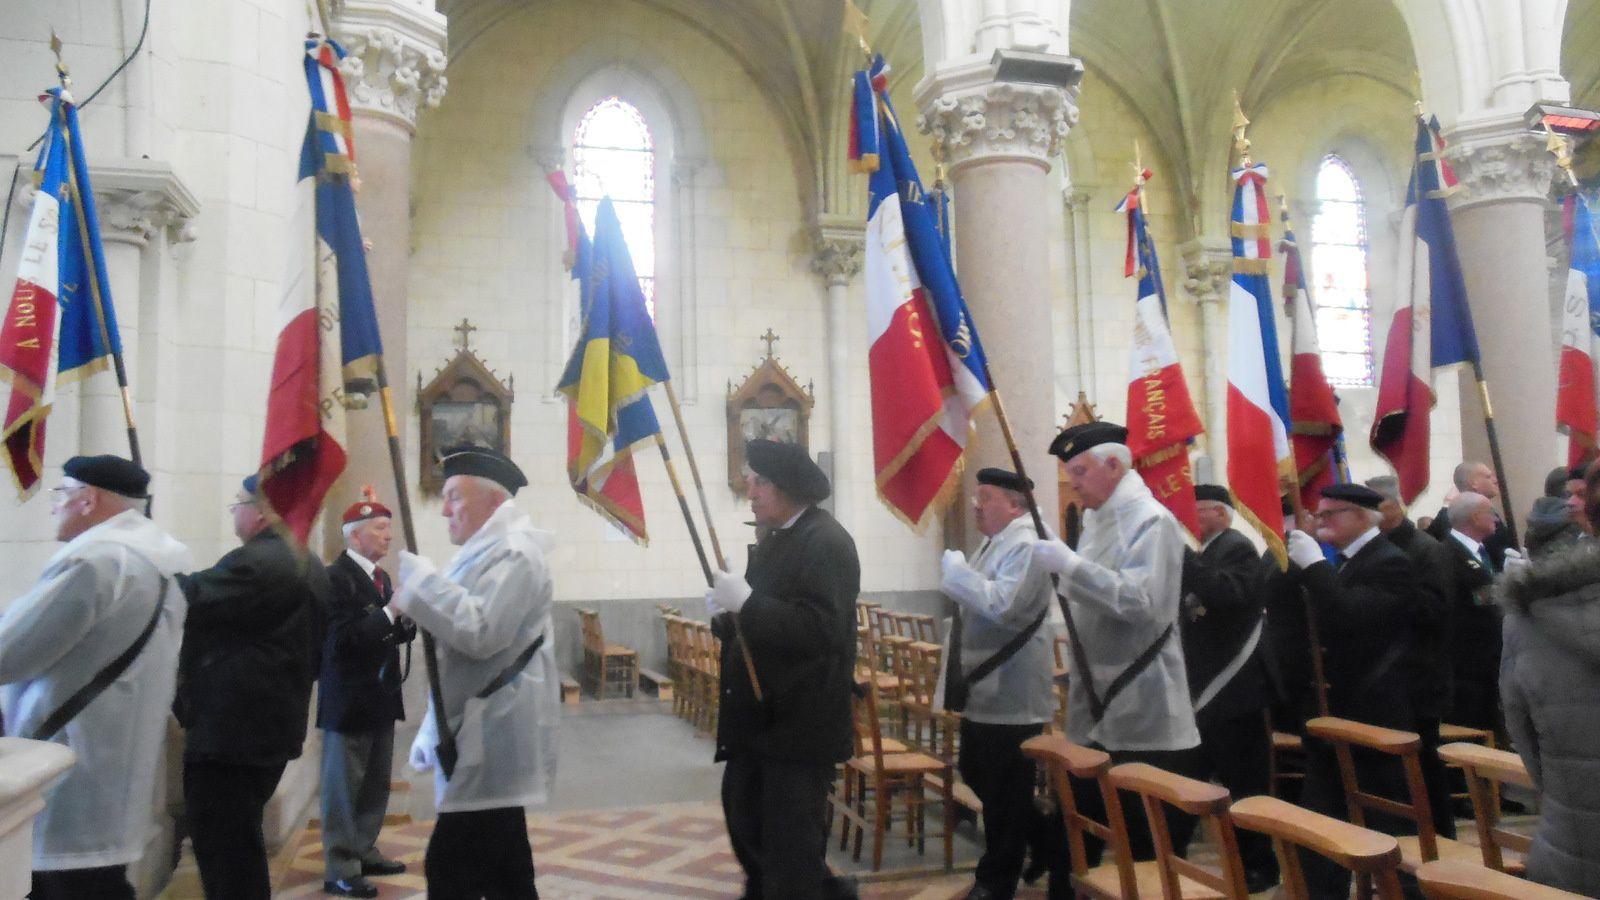 Cérémonie de Camerone du 30 avril 2016 à Montjean-sur-Loire